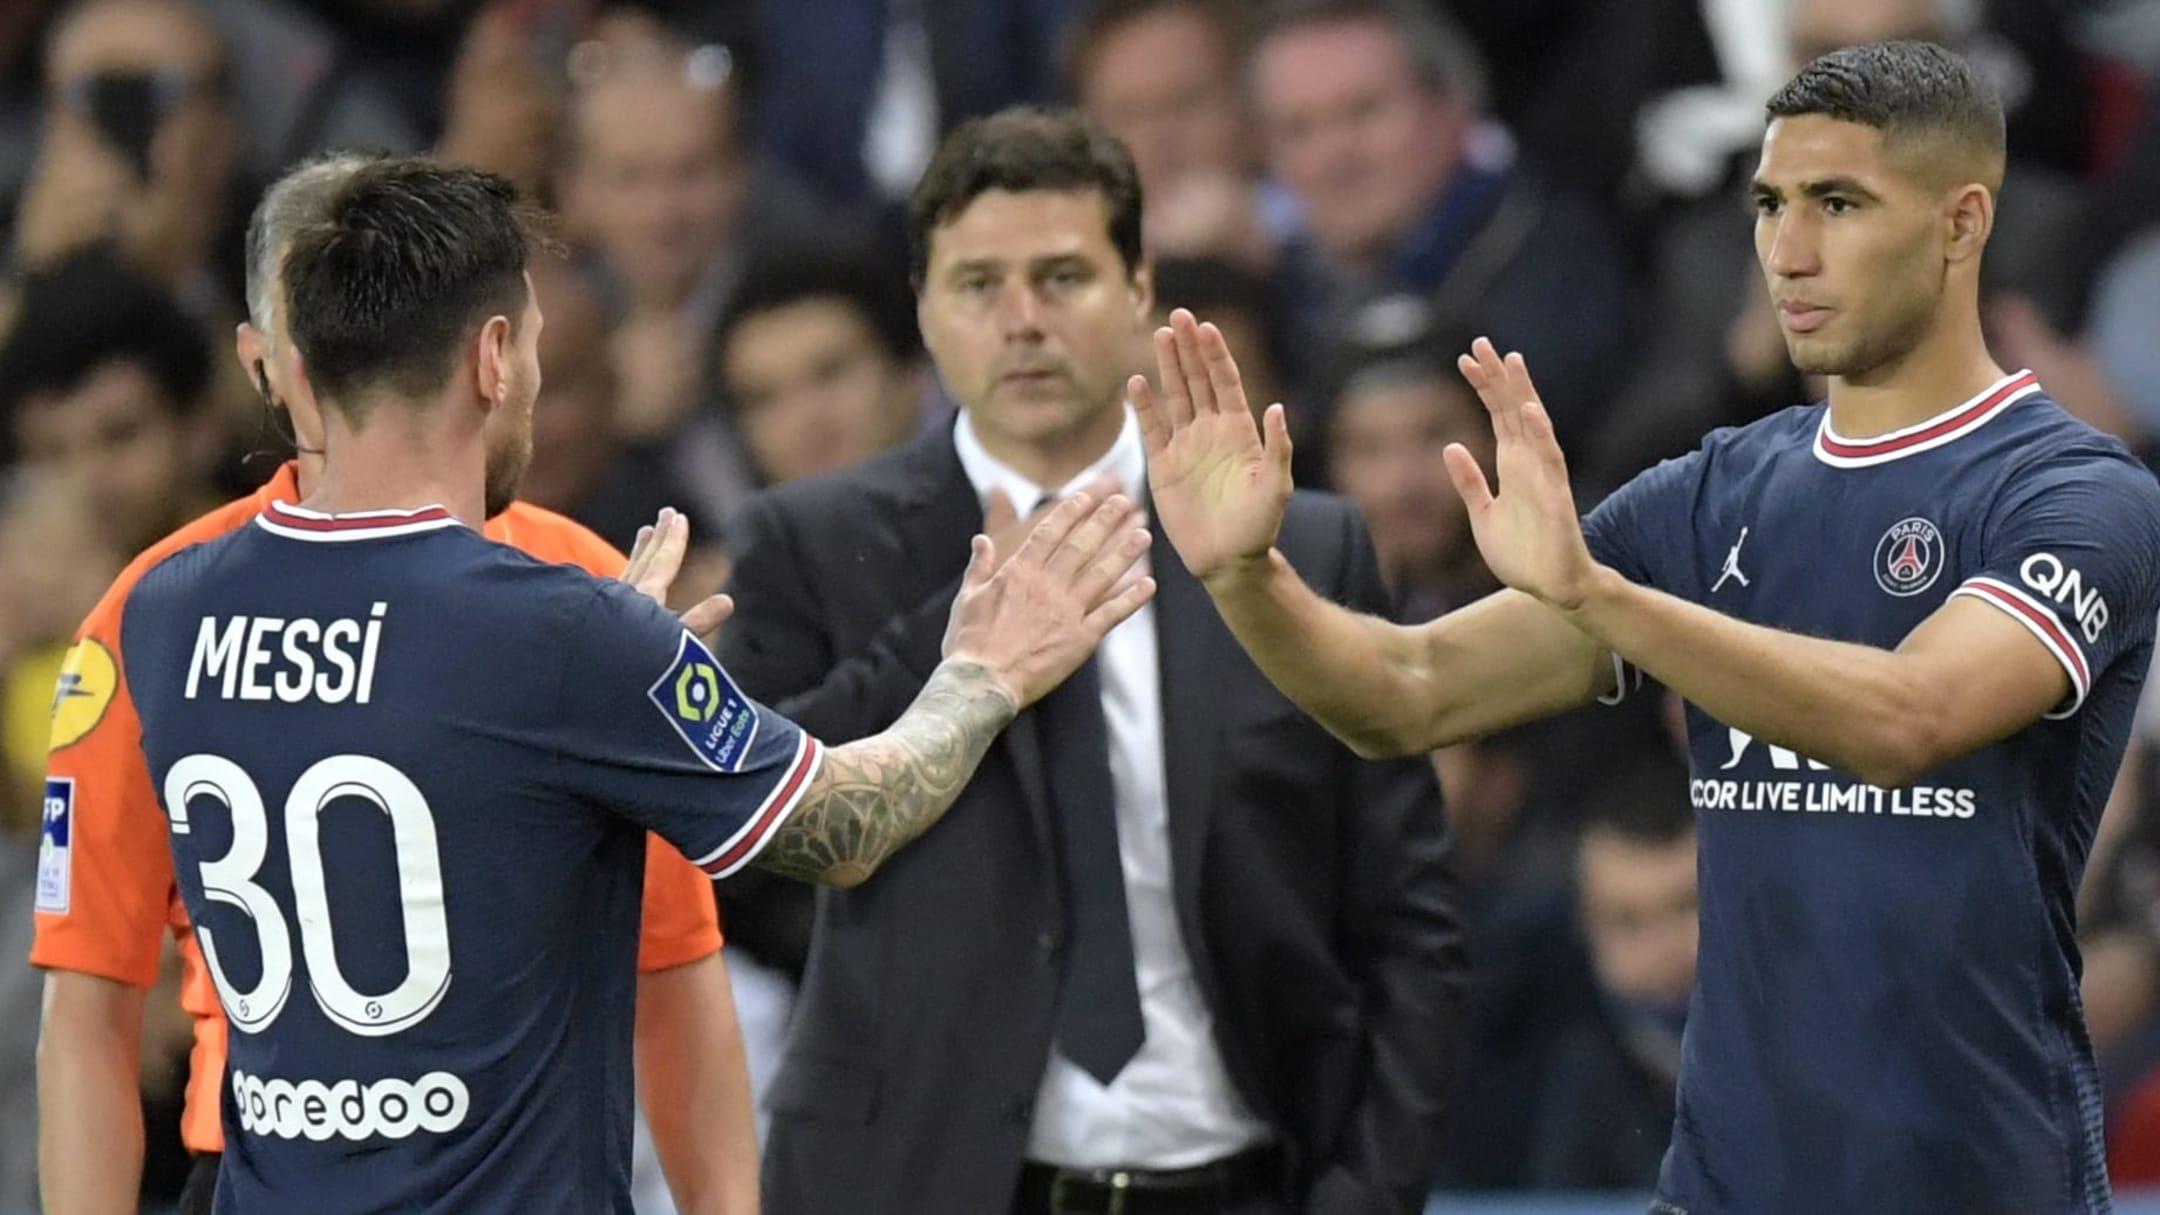 Hakimi vào thay Messi trong trận PSG thắng Lyon 2-1 trên sân nhà Parc des Princes hôm 19/9. Ảnh: ANP Sport